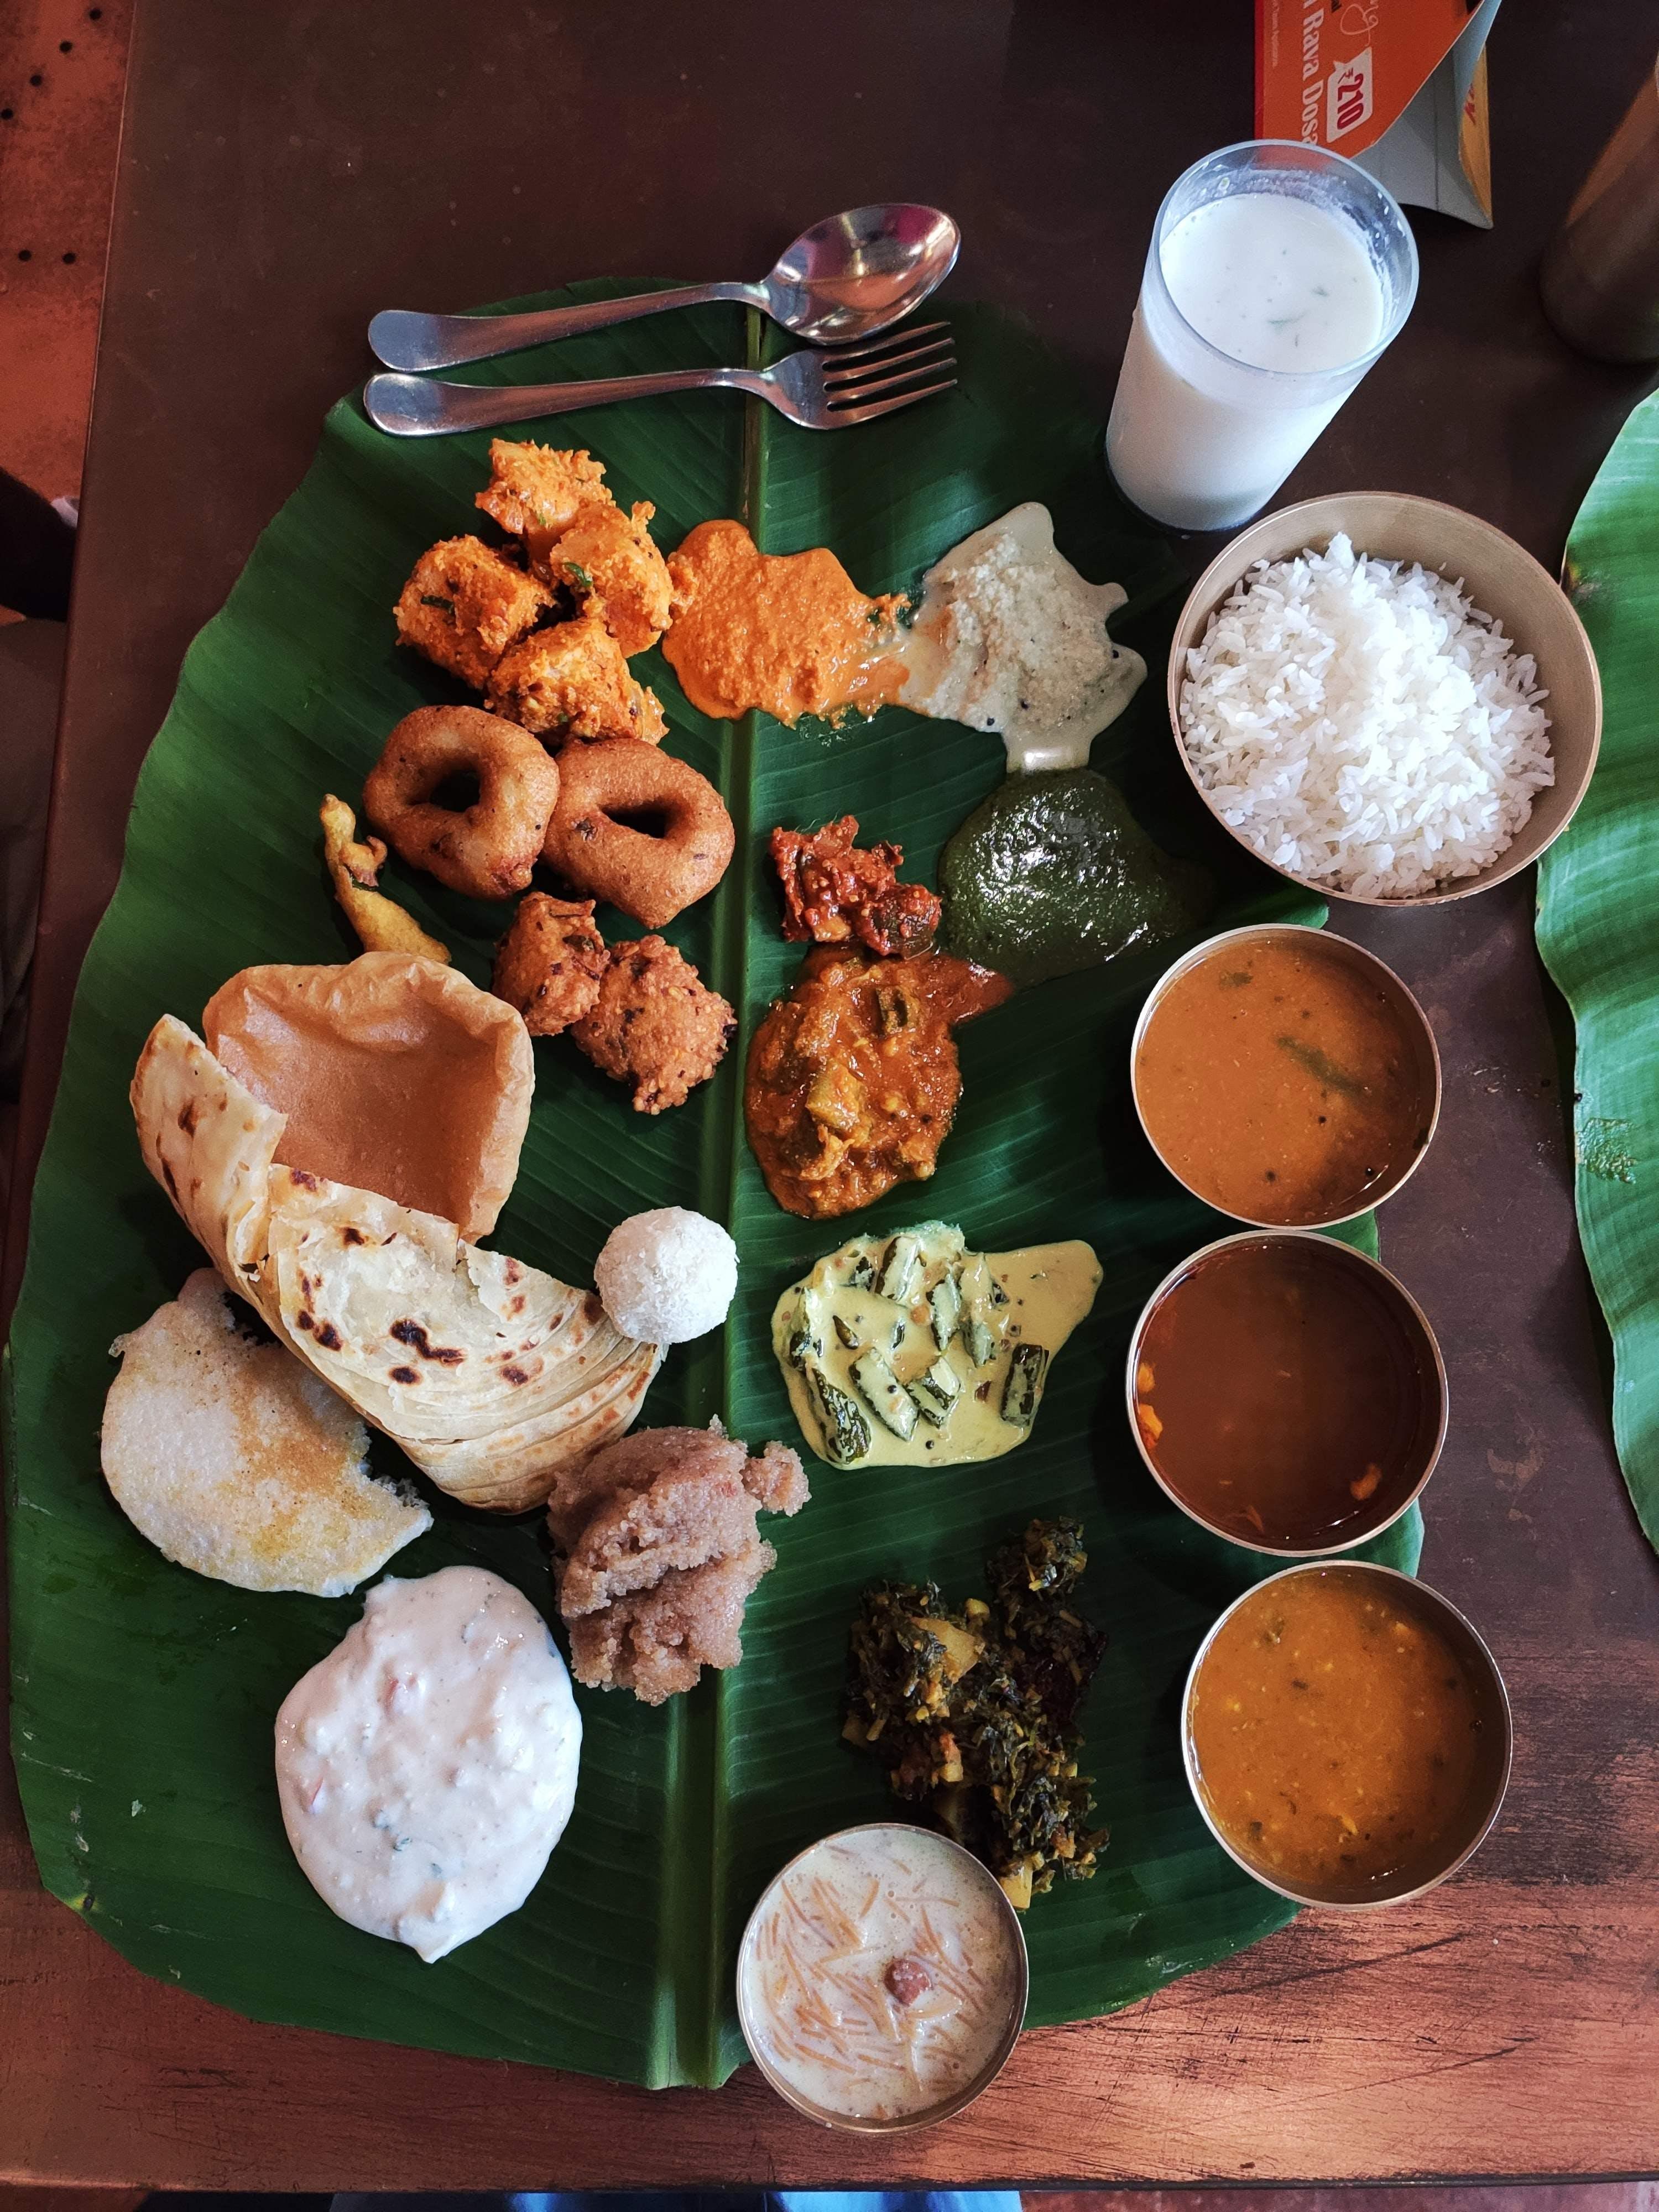 Dish,Food,Cuisine,Meal,Ingredient,Sadya,Andhra food,Breakfast,Vegetarian food,Indian cuisine